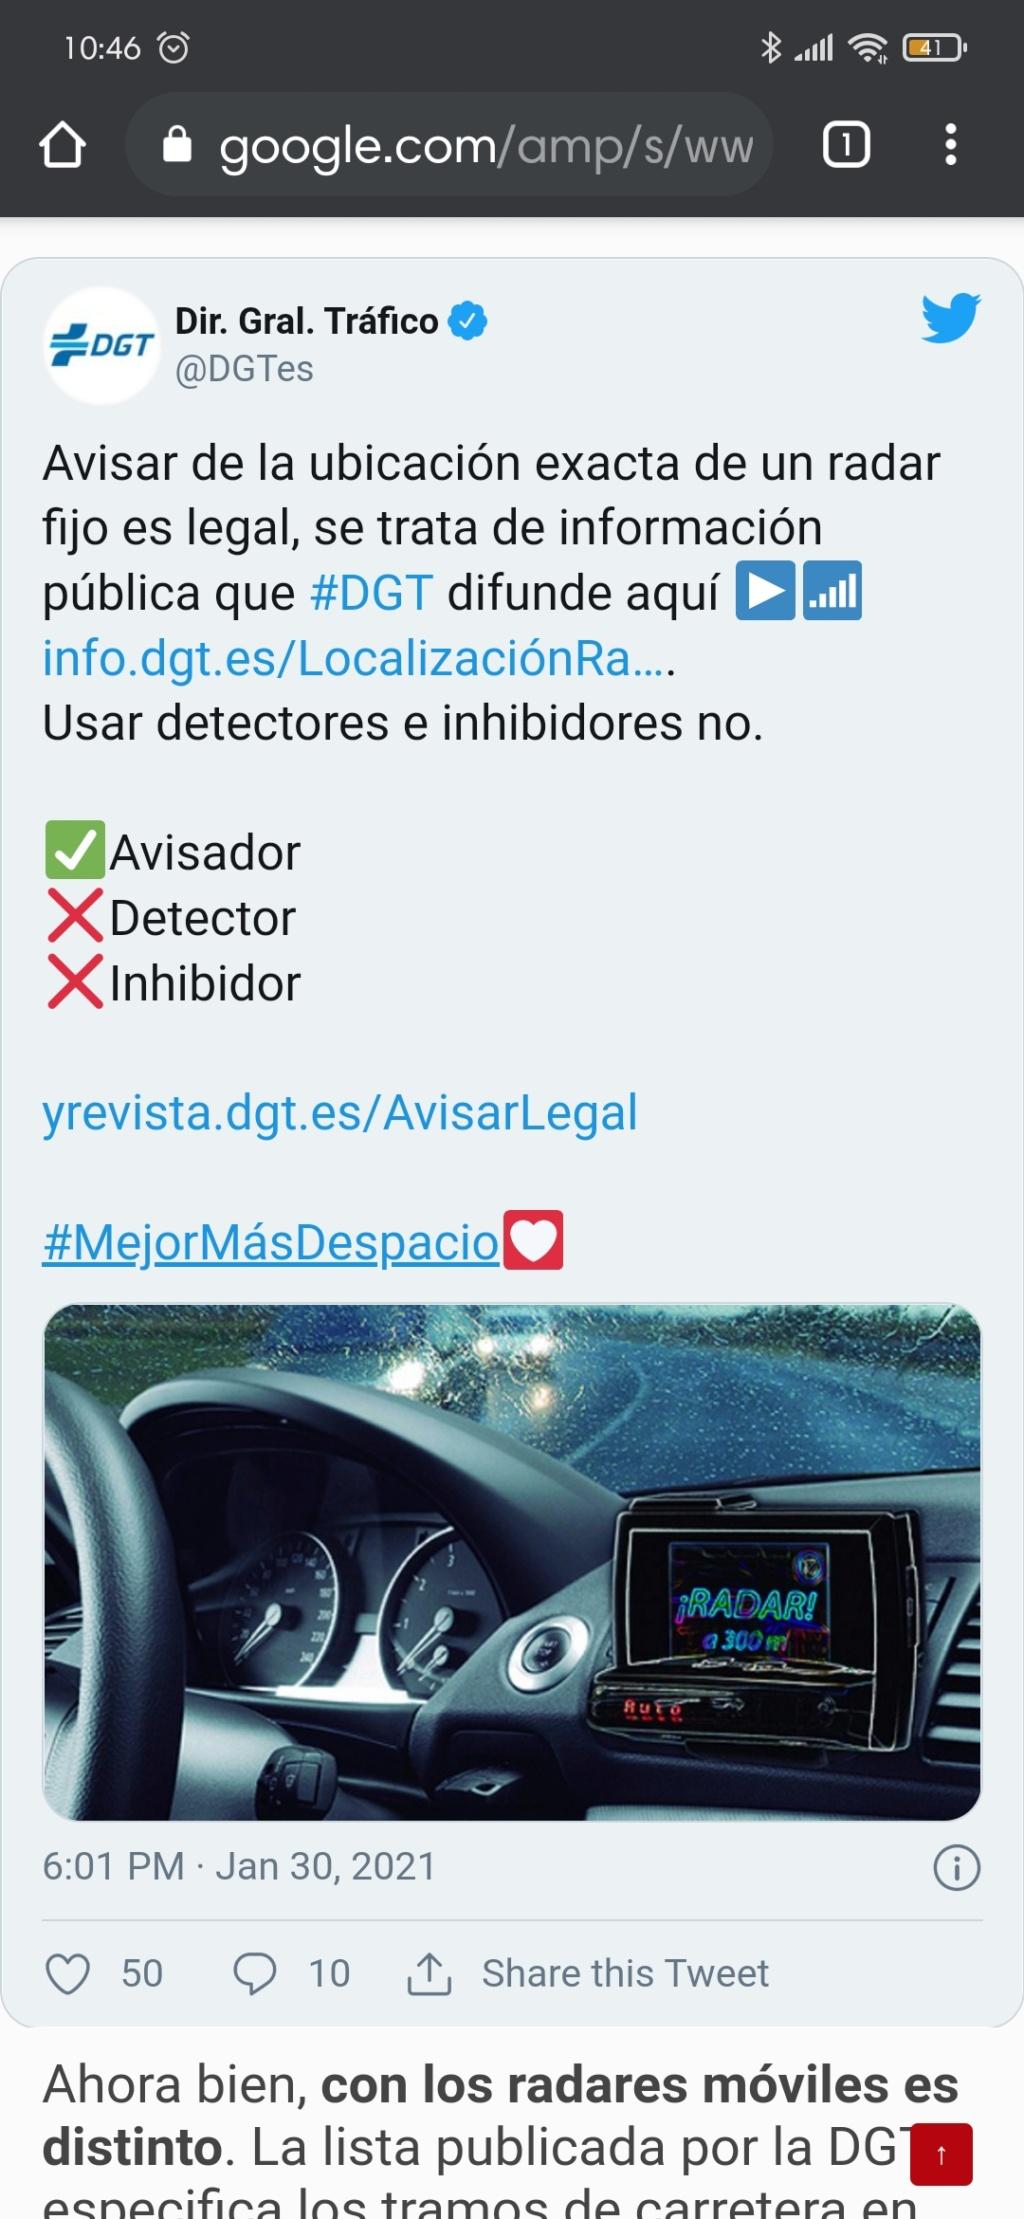 ACTIVAR ALERTA DE RADARES 3008 - Página 8 Screen22